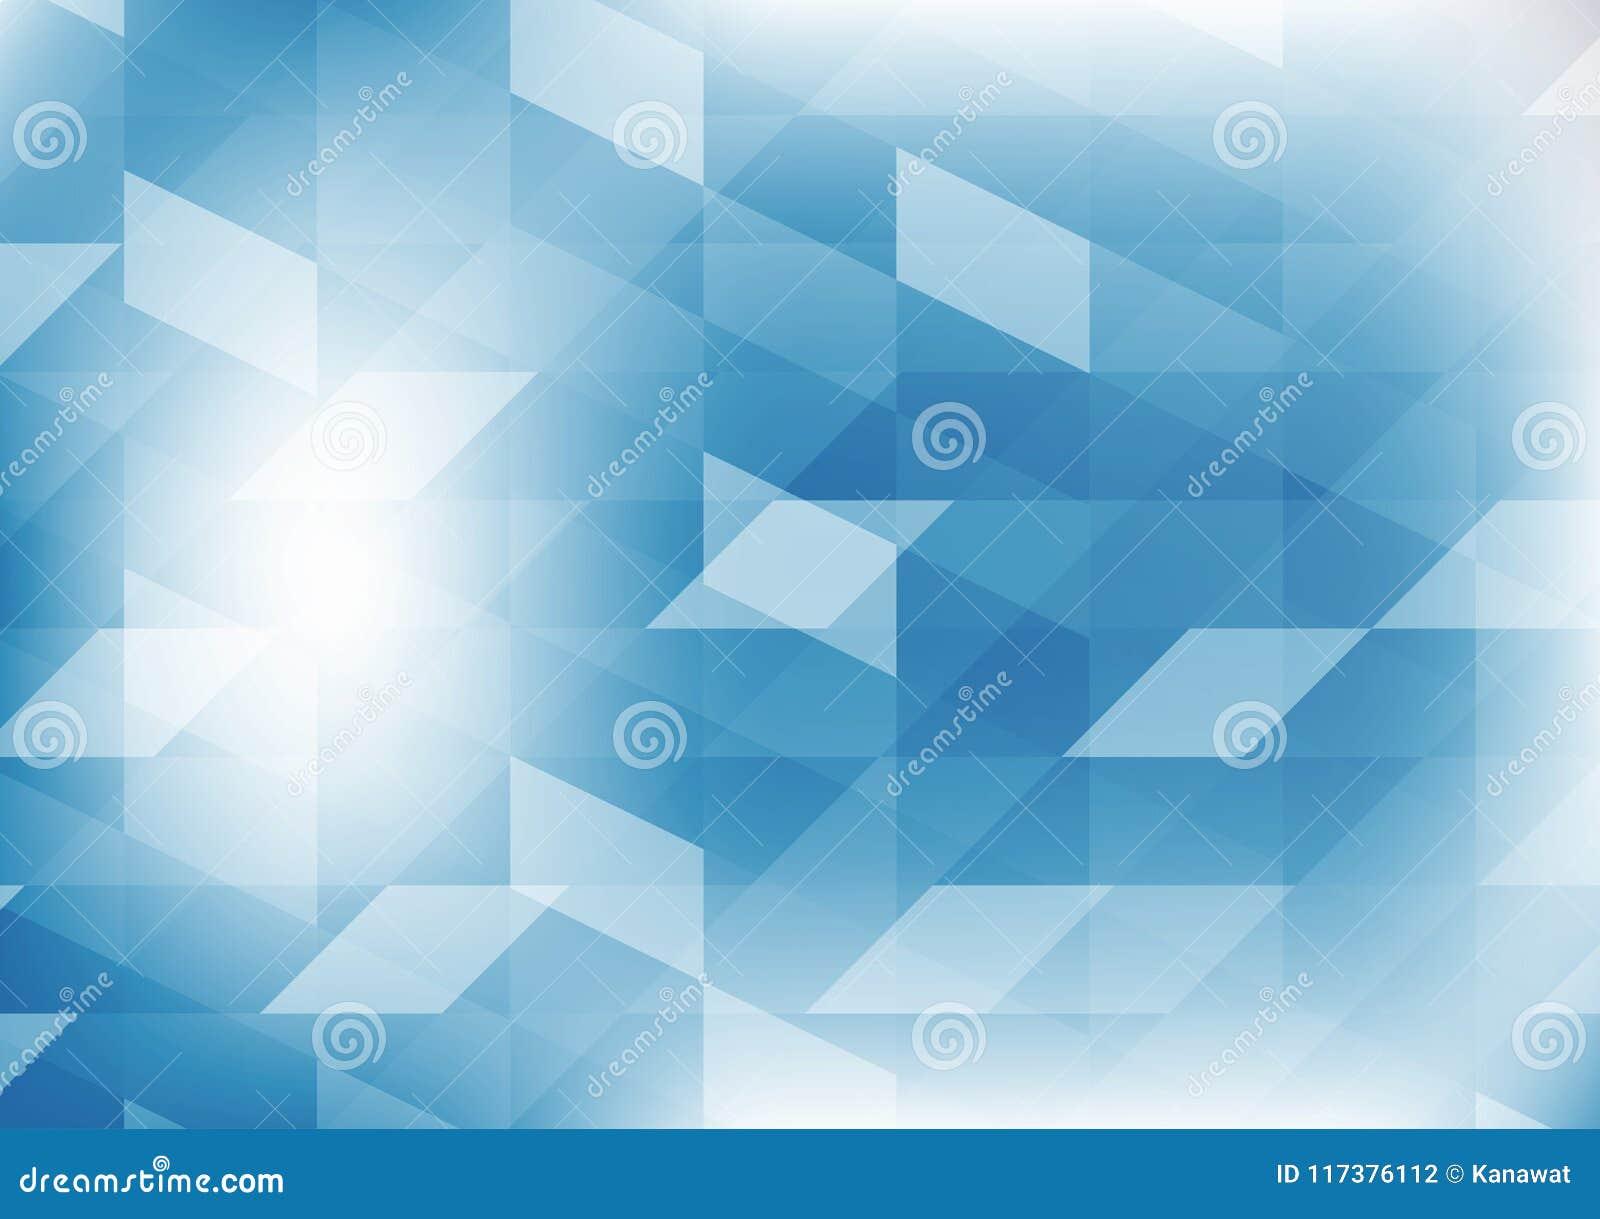 För färgillustration för vektor geometrisk blå bakgrund för abstrakt begrepp för diagram Vektorpolygondesign för din affär